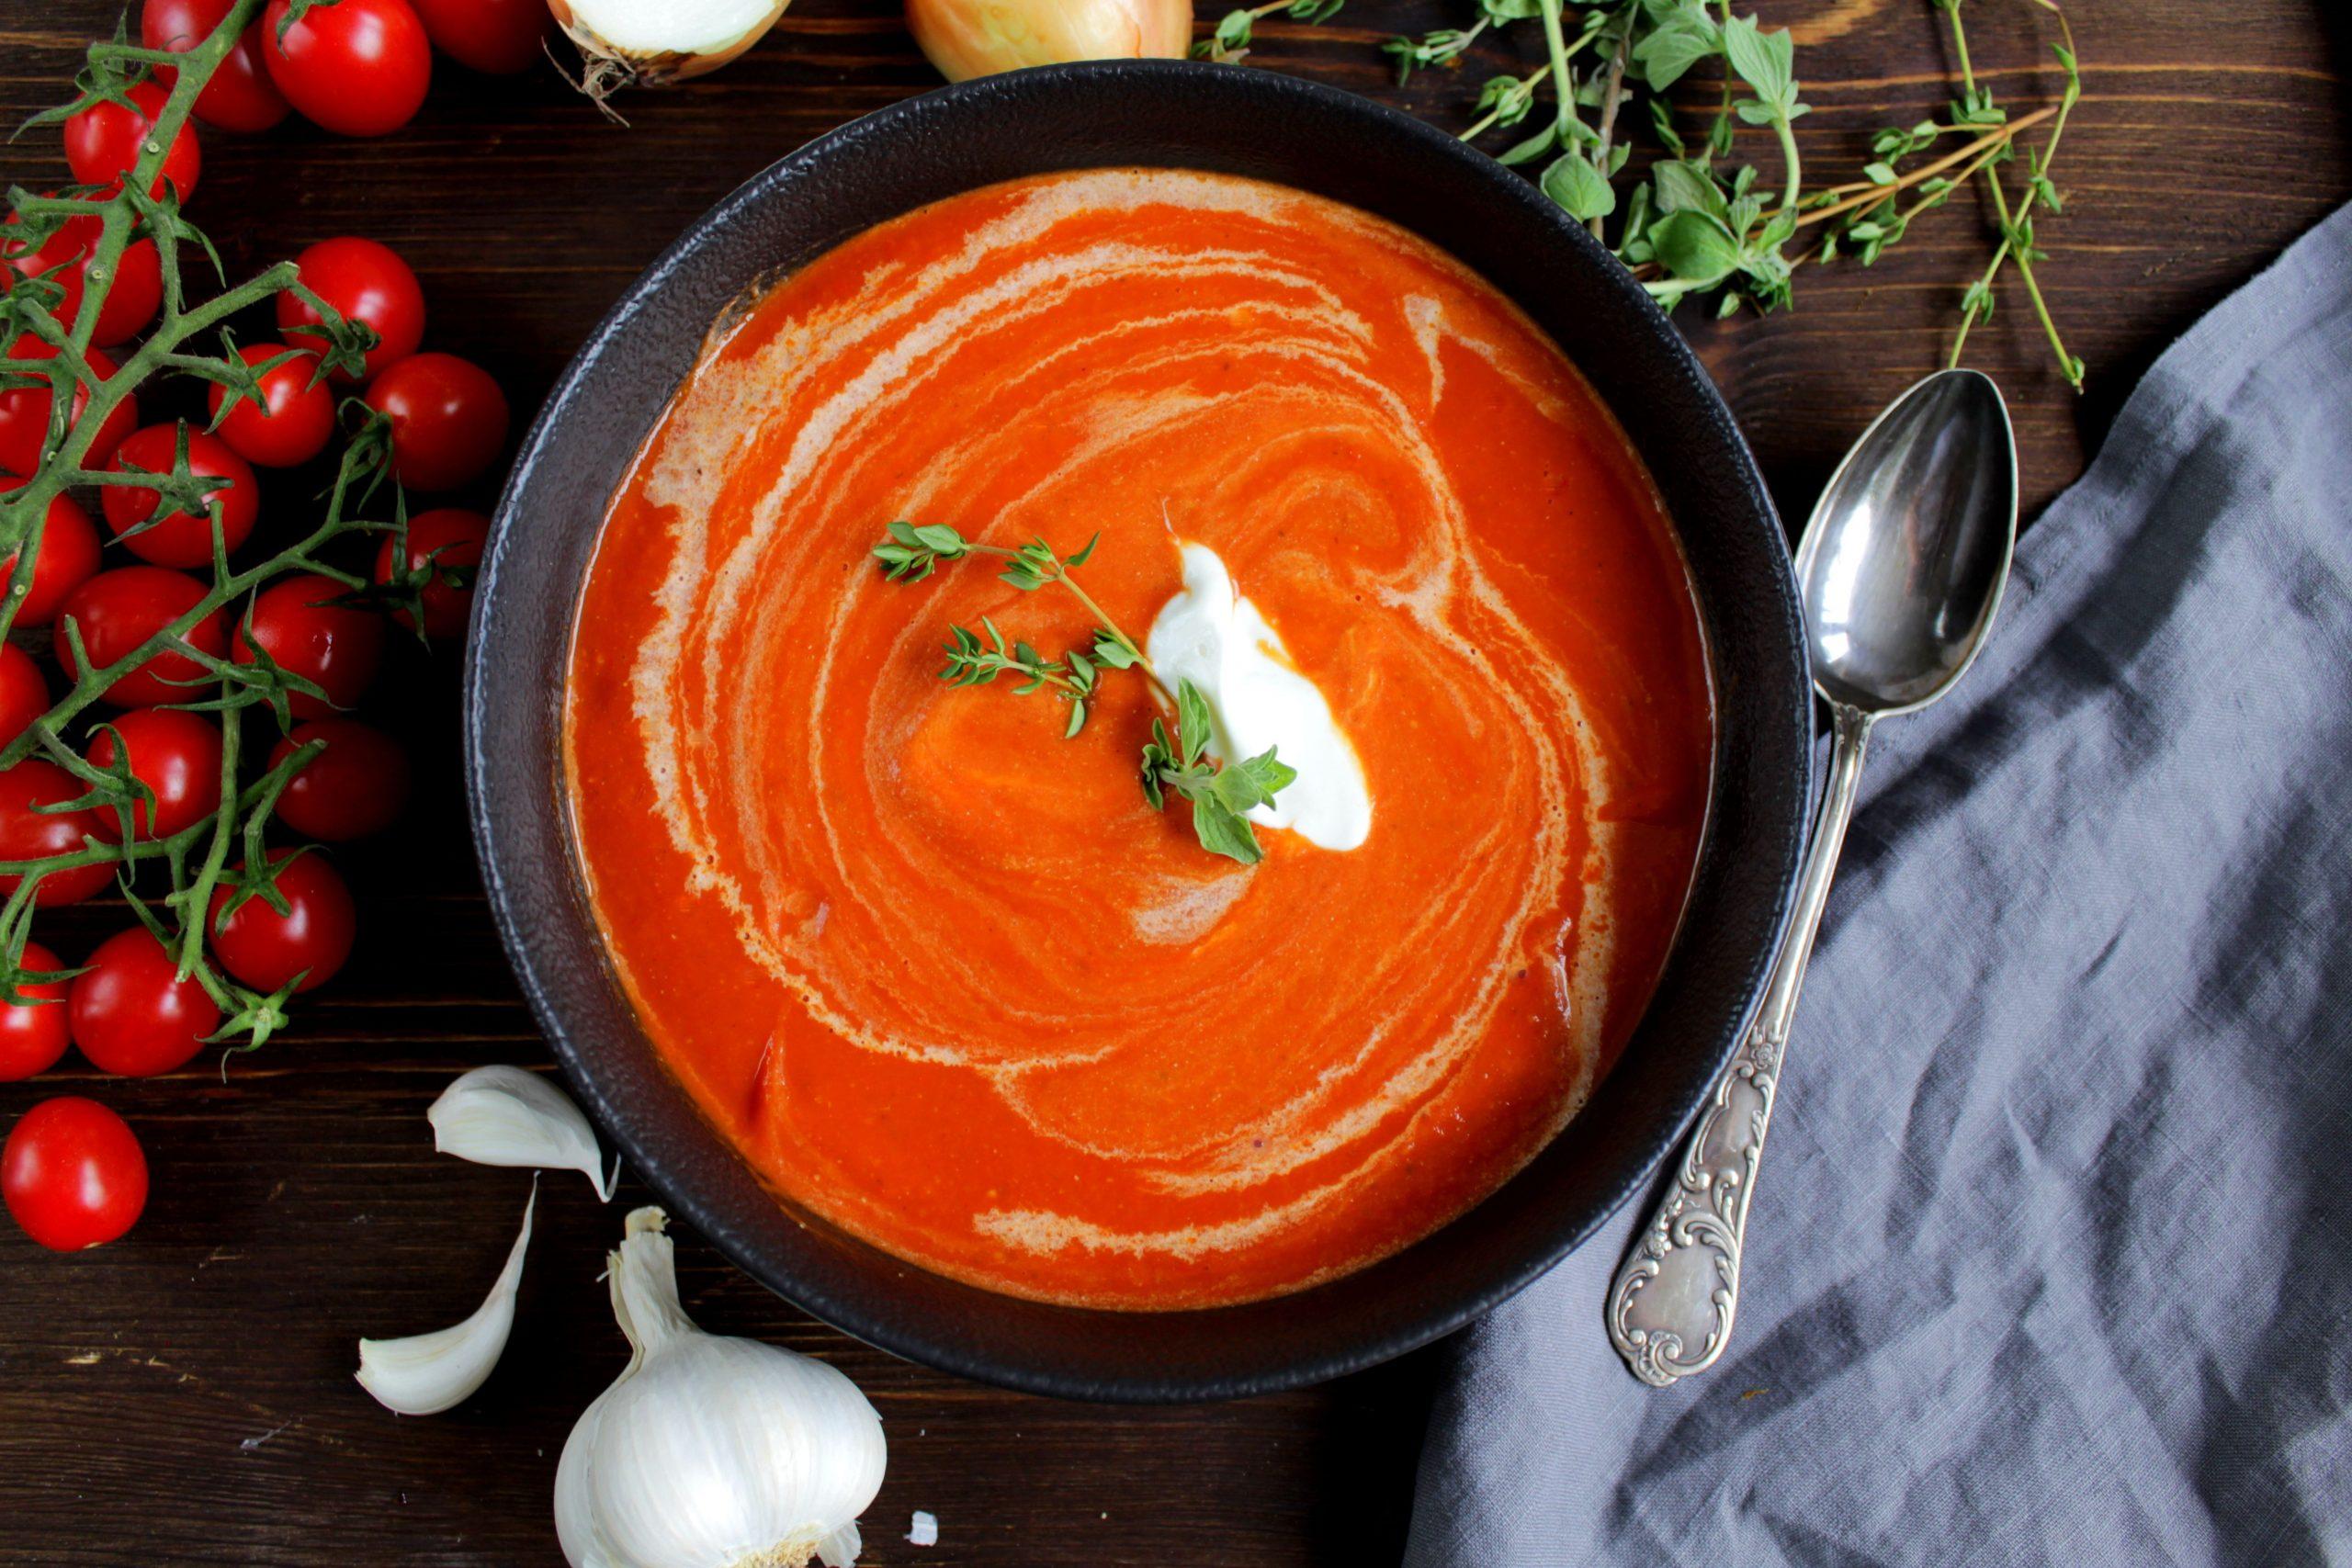 Ofengeröstete Tomatensuppe – Aromenzauber Pur   Tomaten verwandt mit Tomatensuppe Aus Passierten Tomaten